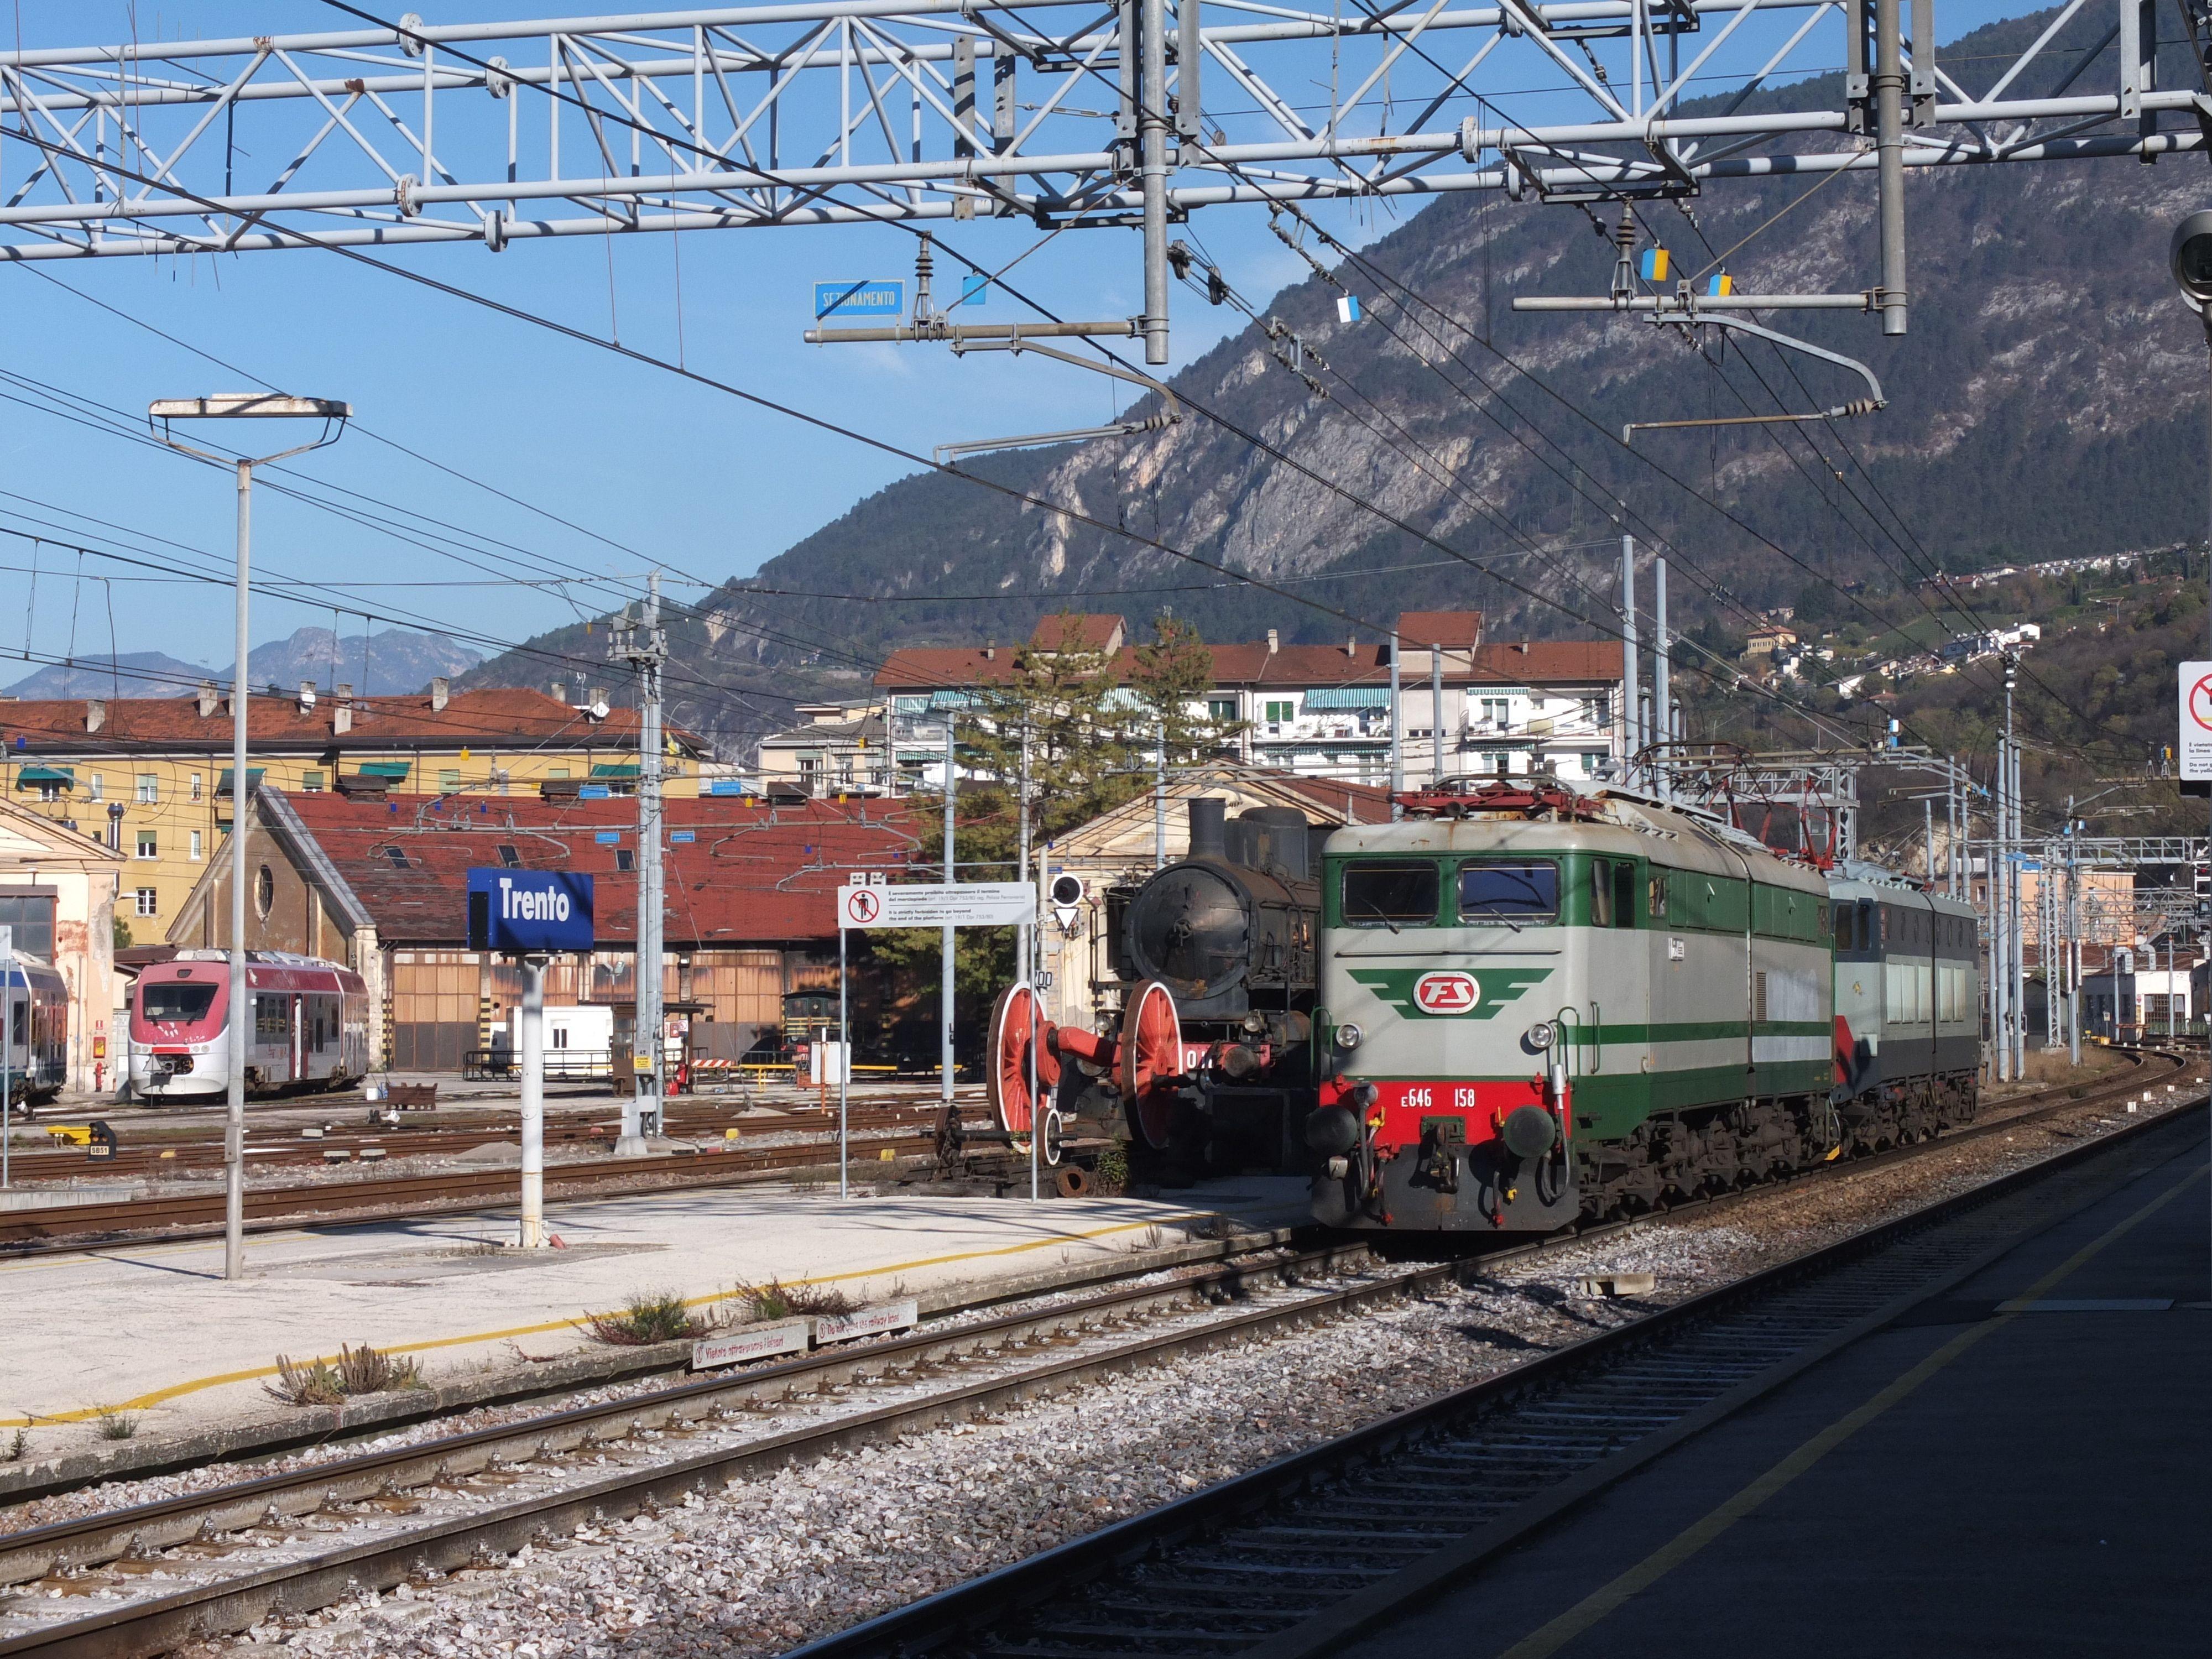 Un'immagine del treno storico che ha condotto, domenica 23 novembre, i viaggiatori a bordo delle carrozze d'epoca degli anni '50 e '60 da Milano Lambrate a Trento, per i Mercatini di Natale.